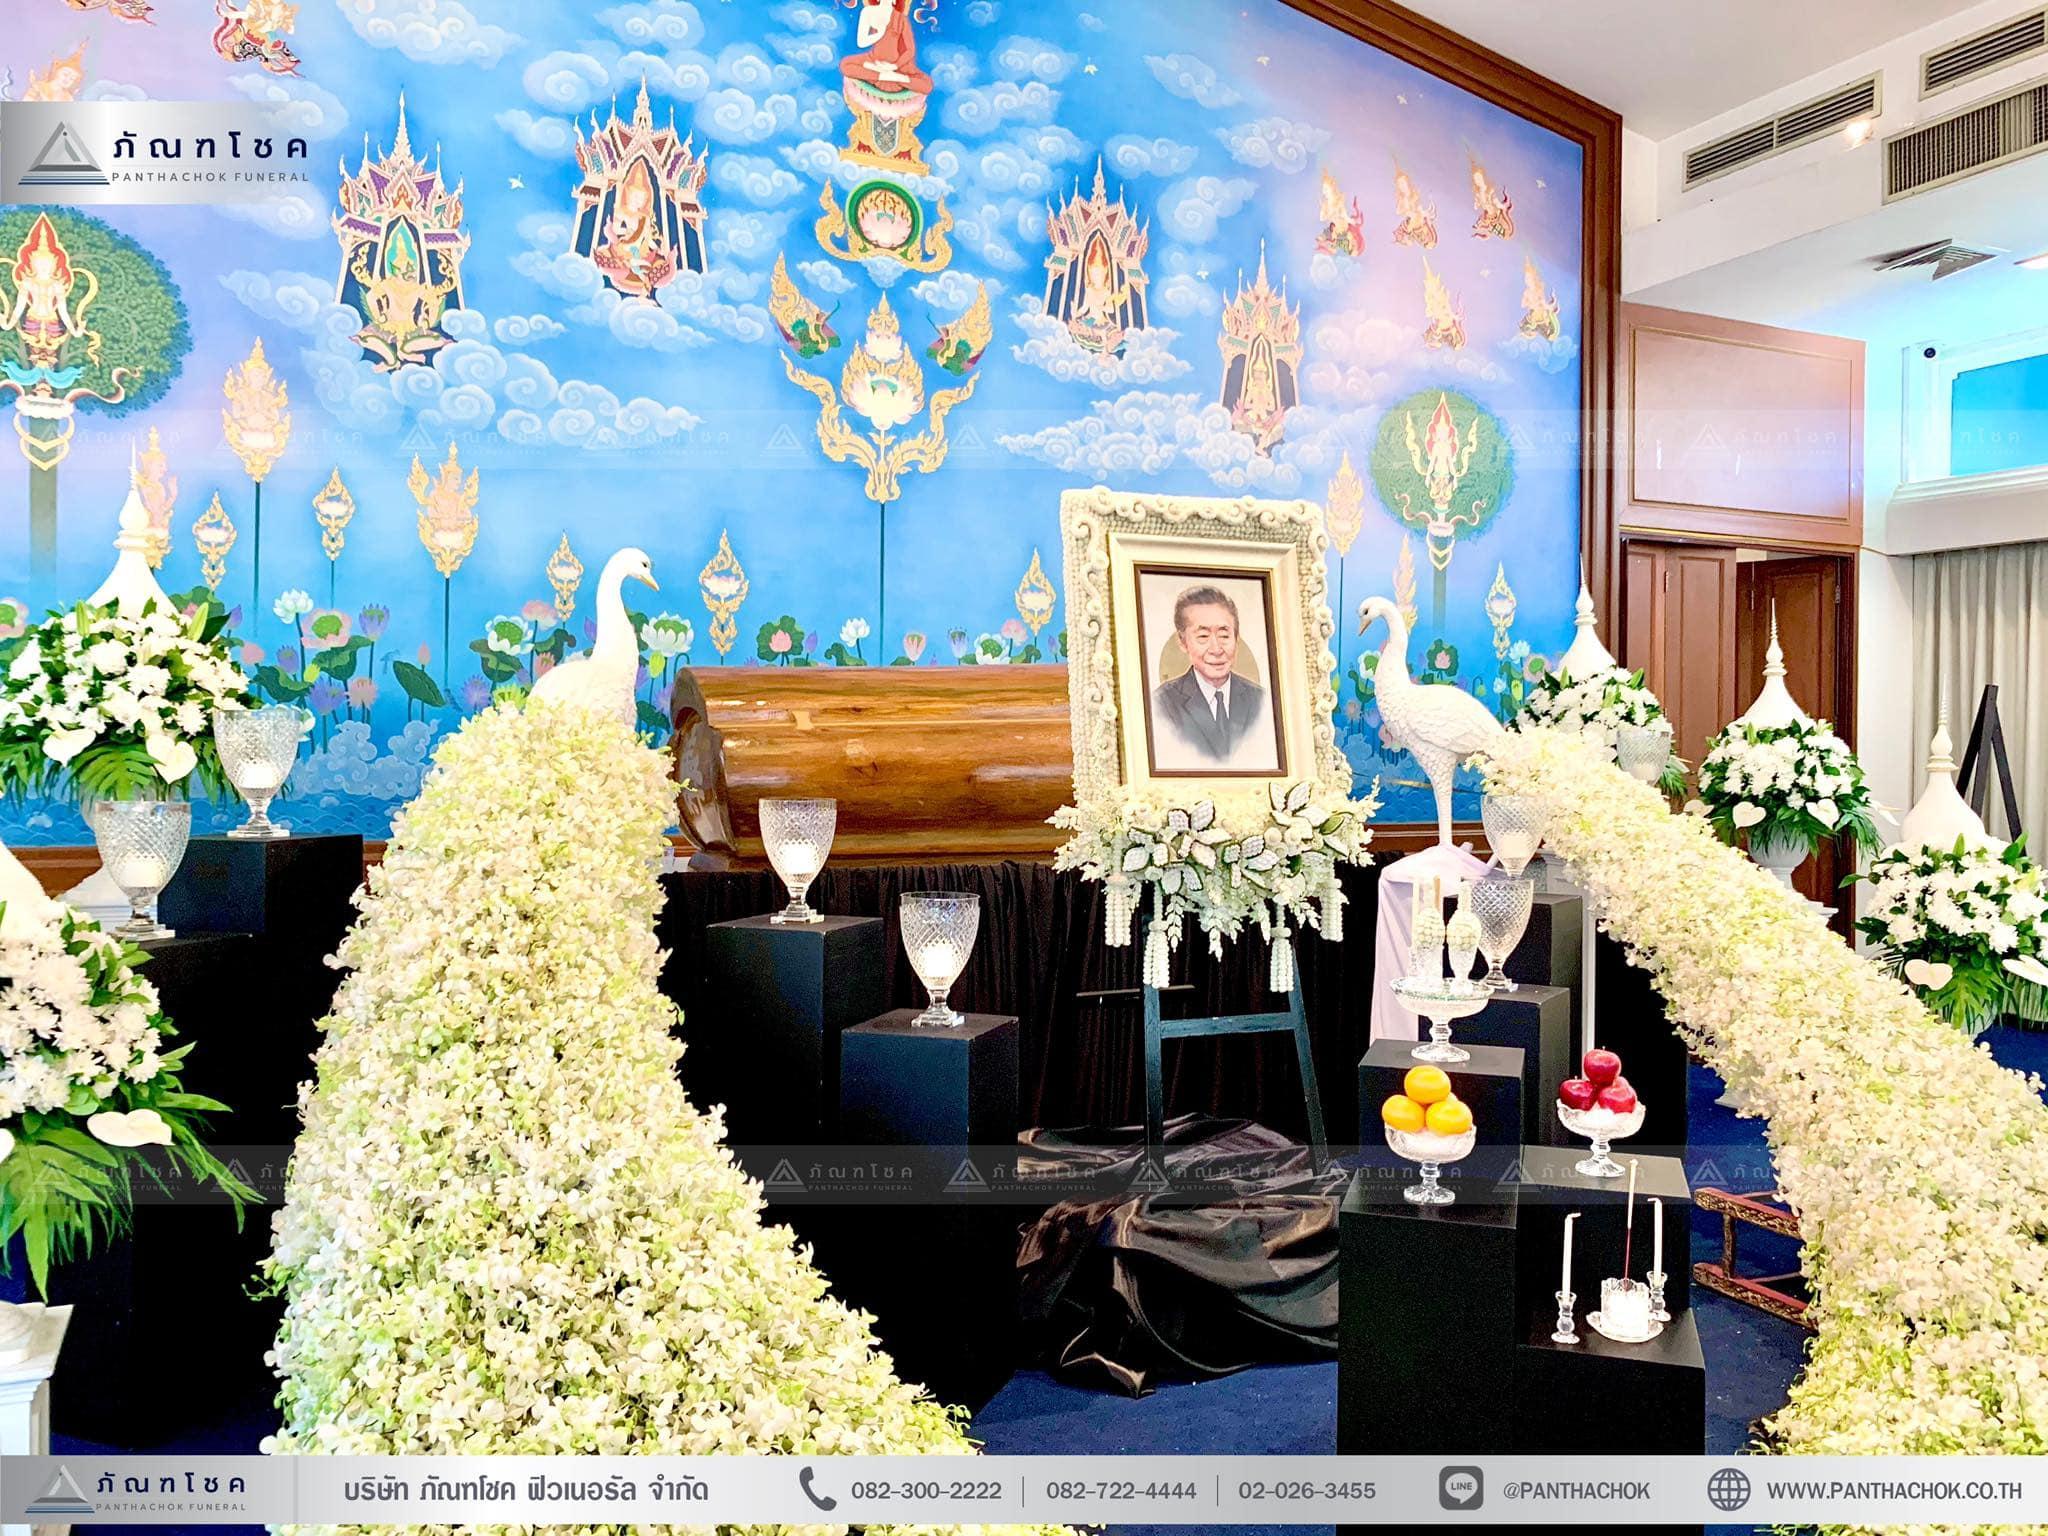 ดอกไม้งานศพรูปแบบโมเดิร์นผสานไทยประยุกต์ 3